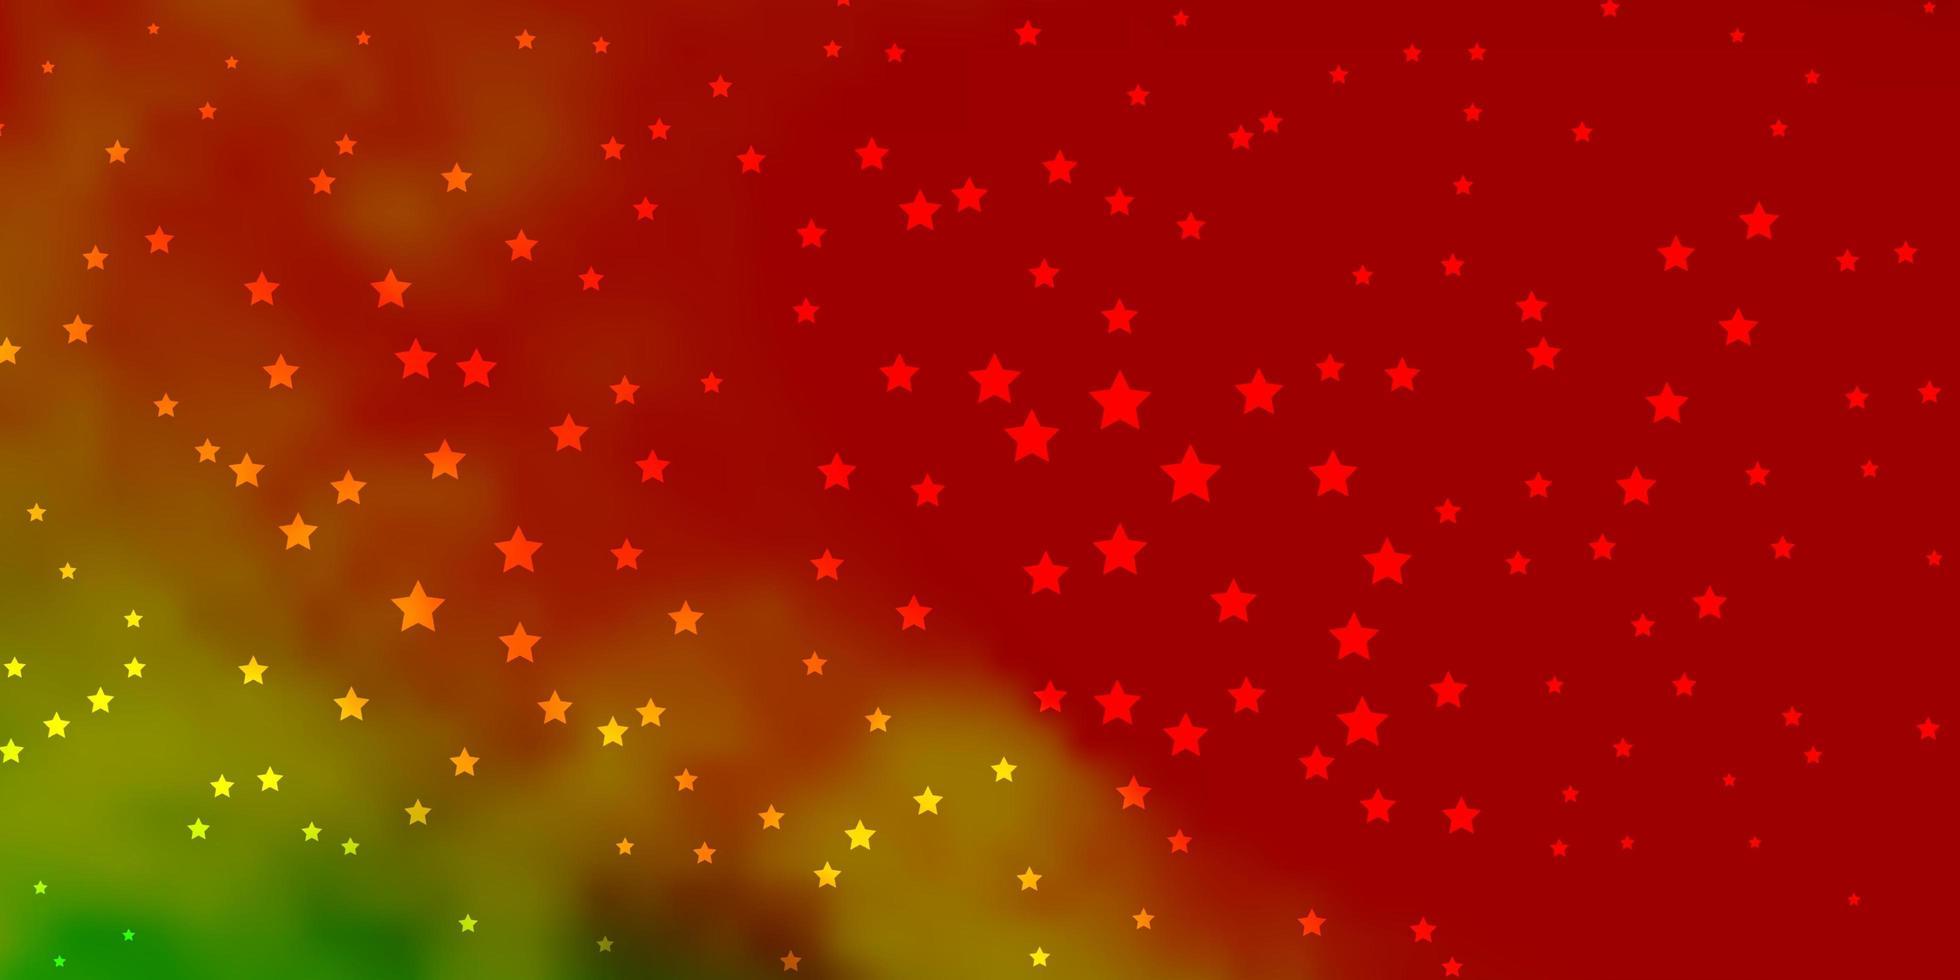 mörk flerfärgad vektorlayout med ljusa stjärnor. vektor